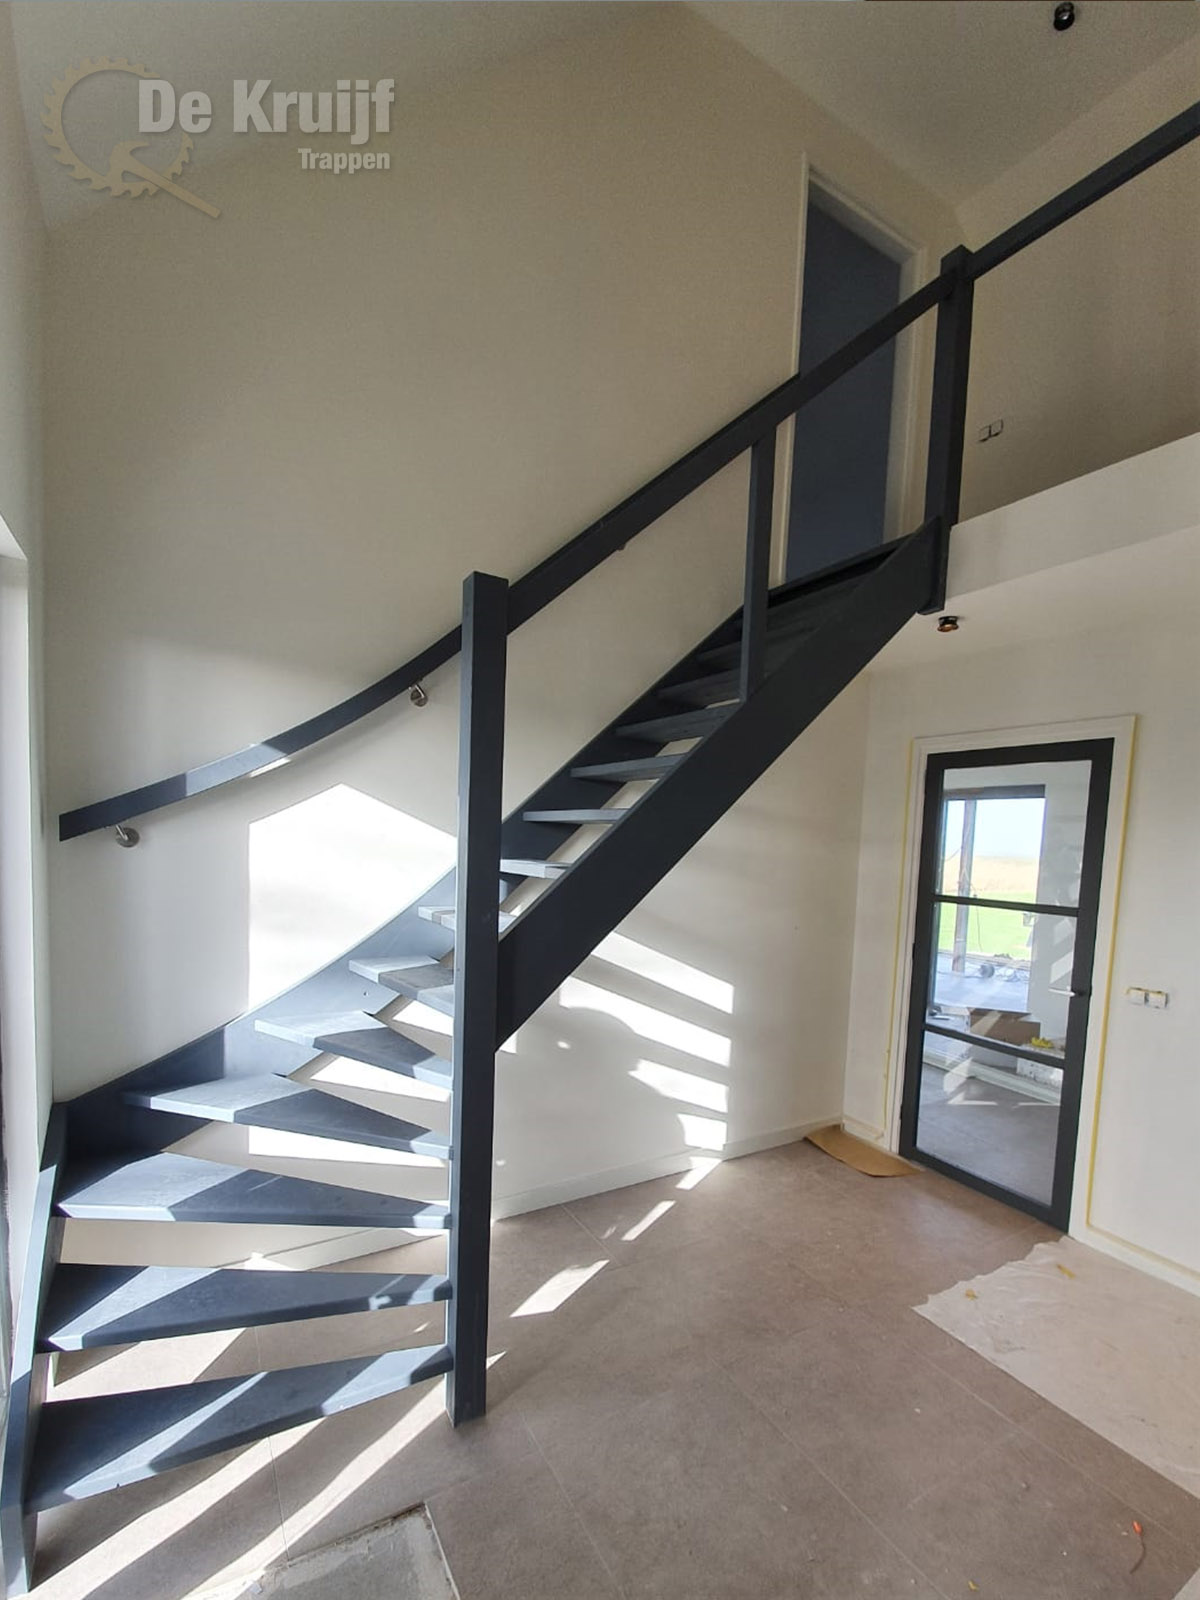 Open kwart trap met balustrade - Foto 2